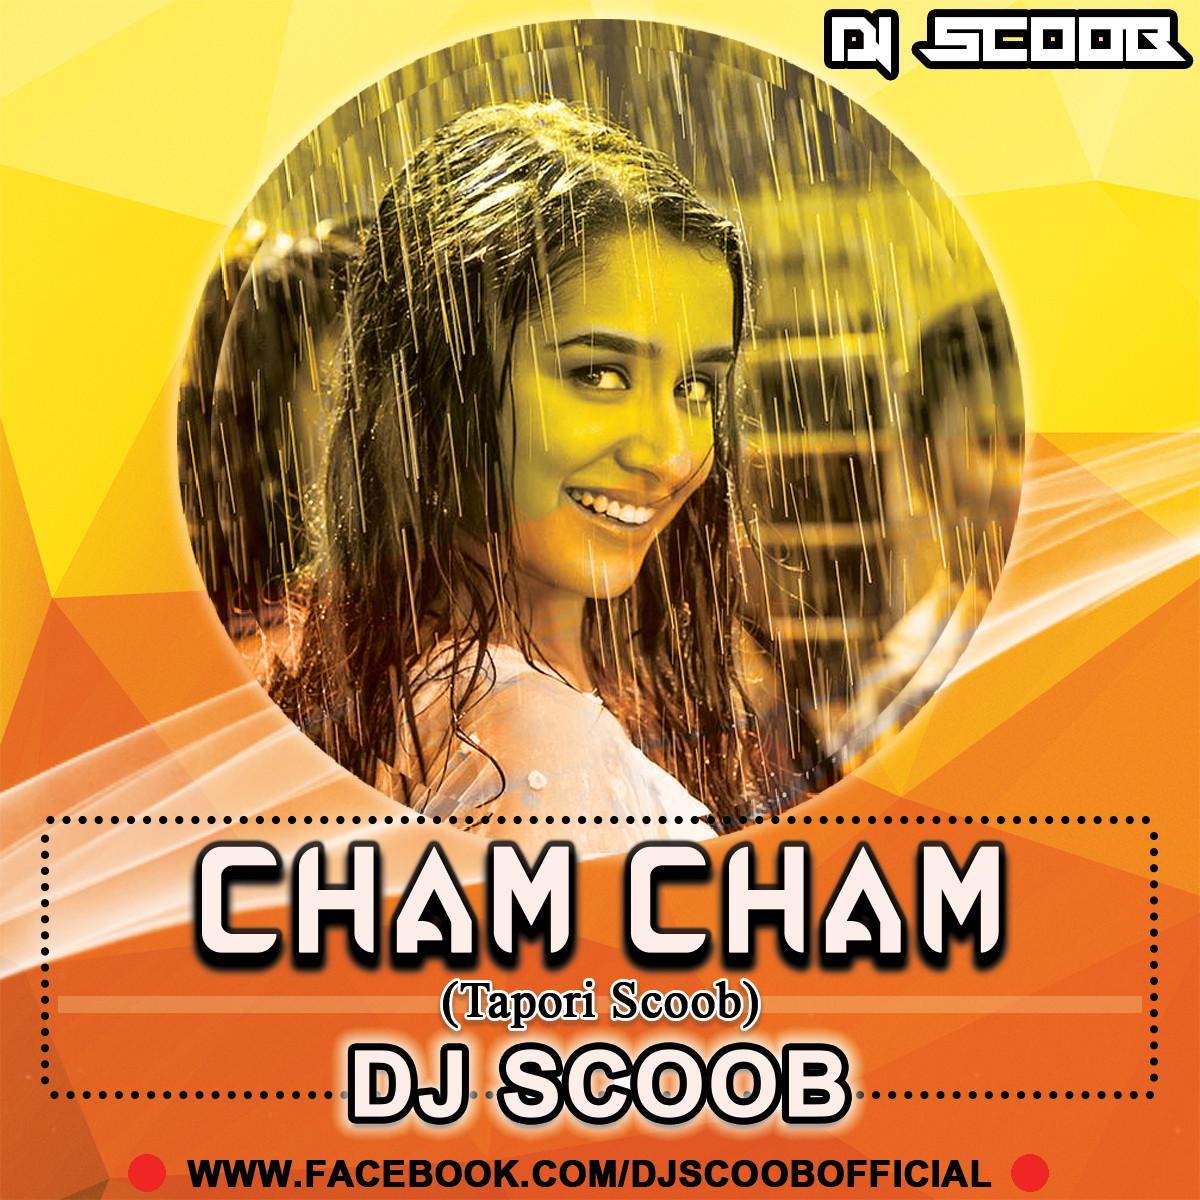 Bhagwa Rang Dj: Cham Cham (Tapori Mix) DJ Scoob